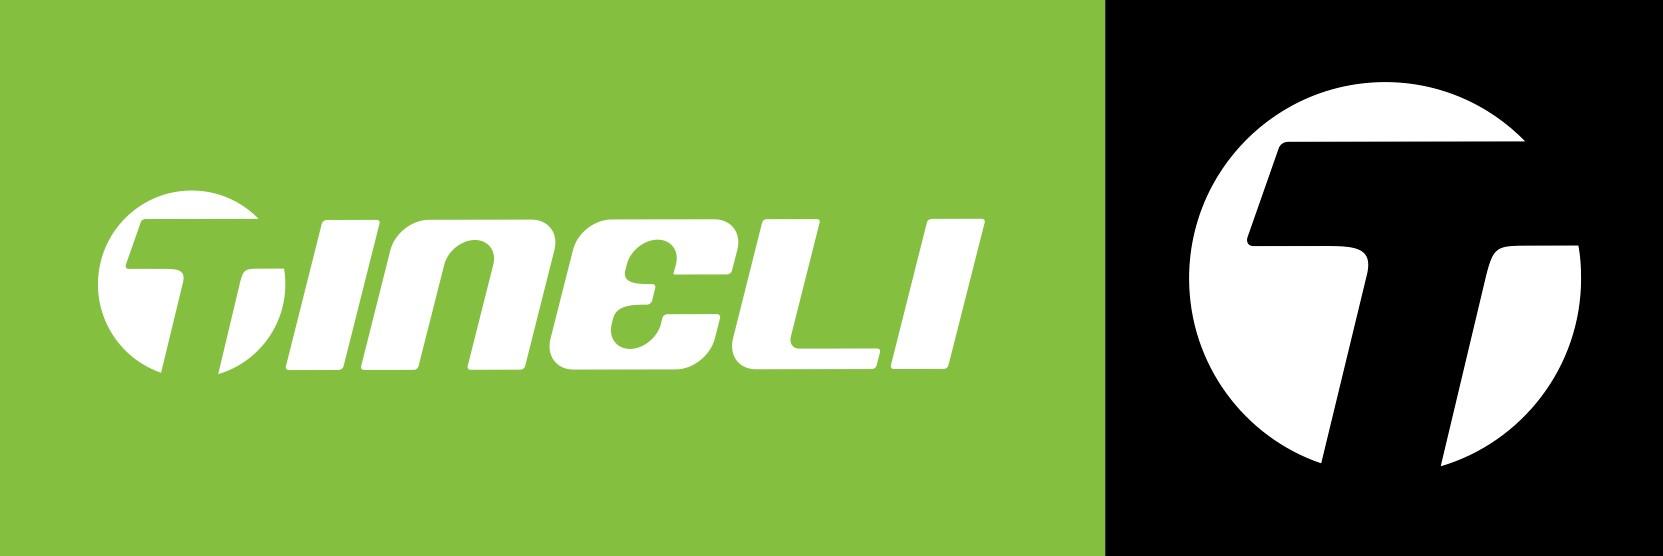 Tineli_logo_2017.jpg